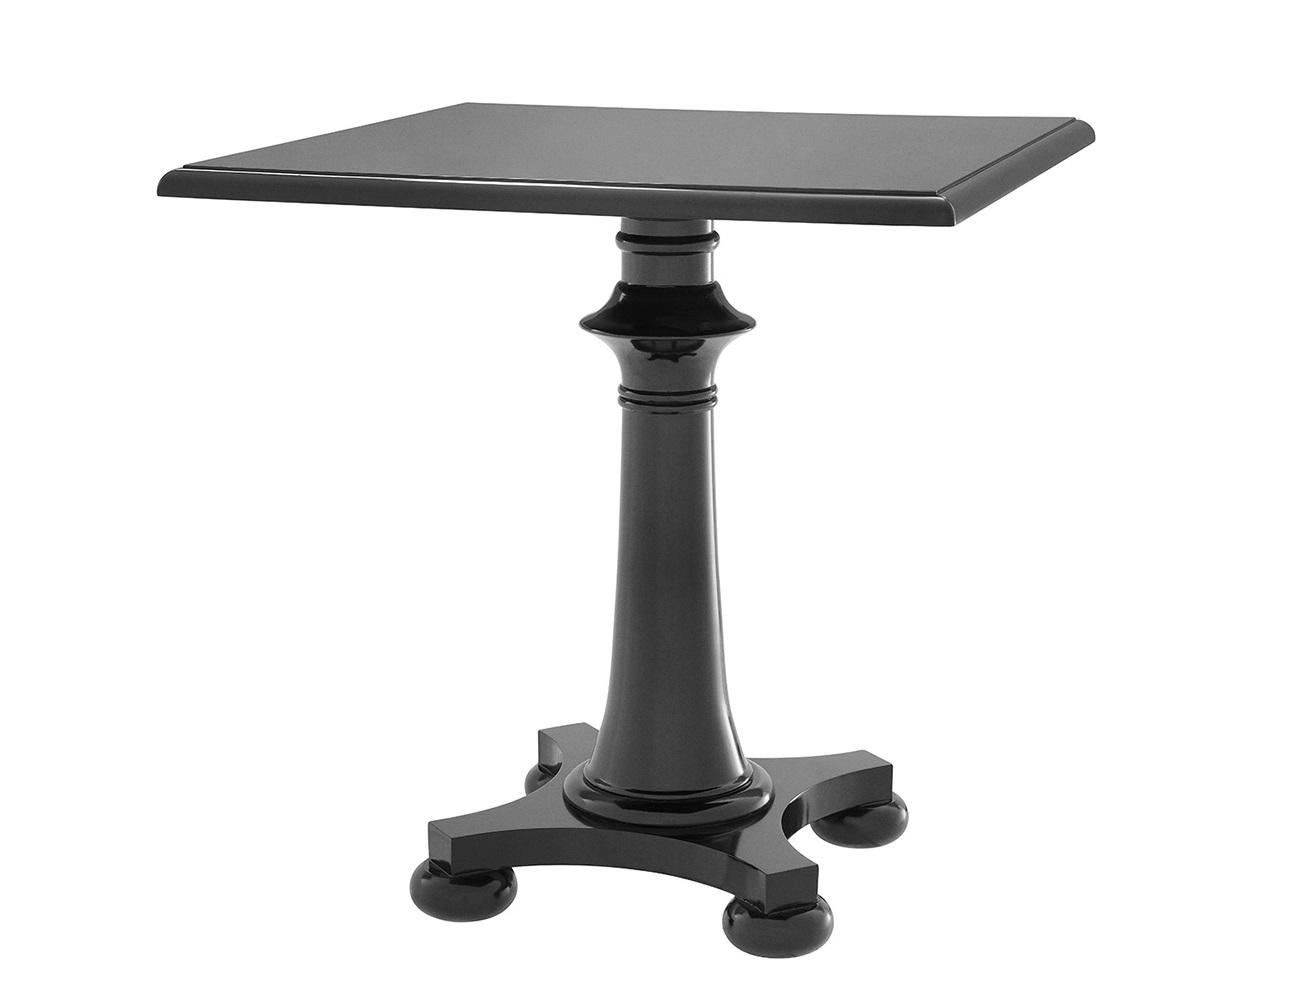 СтолКофейные столики<br>Столик Table Guinness выполнен из дерева черного цвета.<br><br>Material: Дерево<br>Width см: 75<br>Depth см: 75<br>Height см: 75